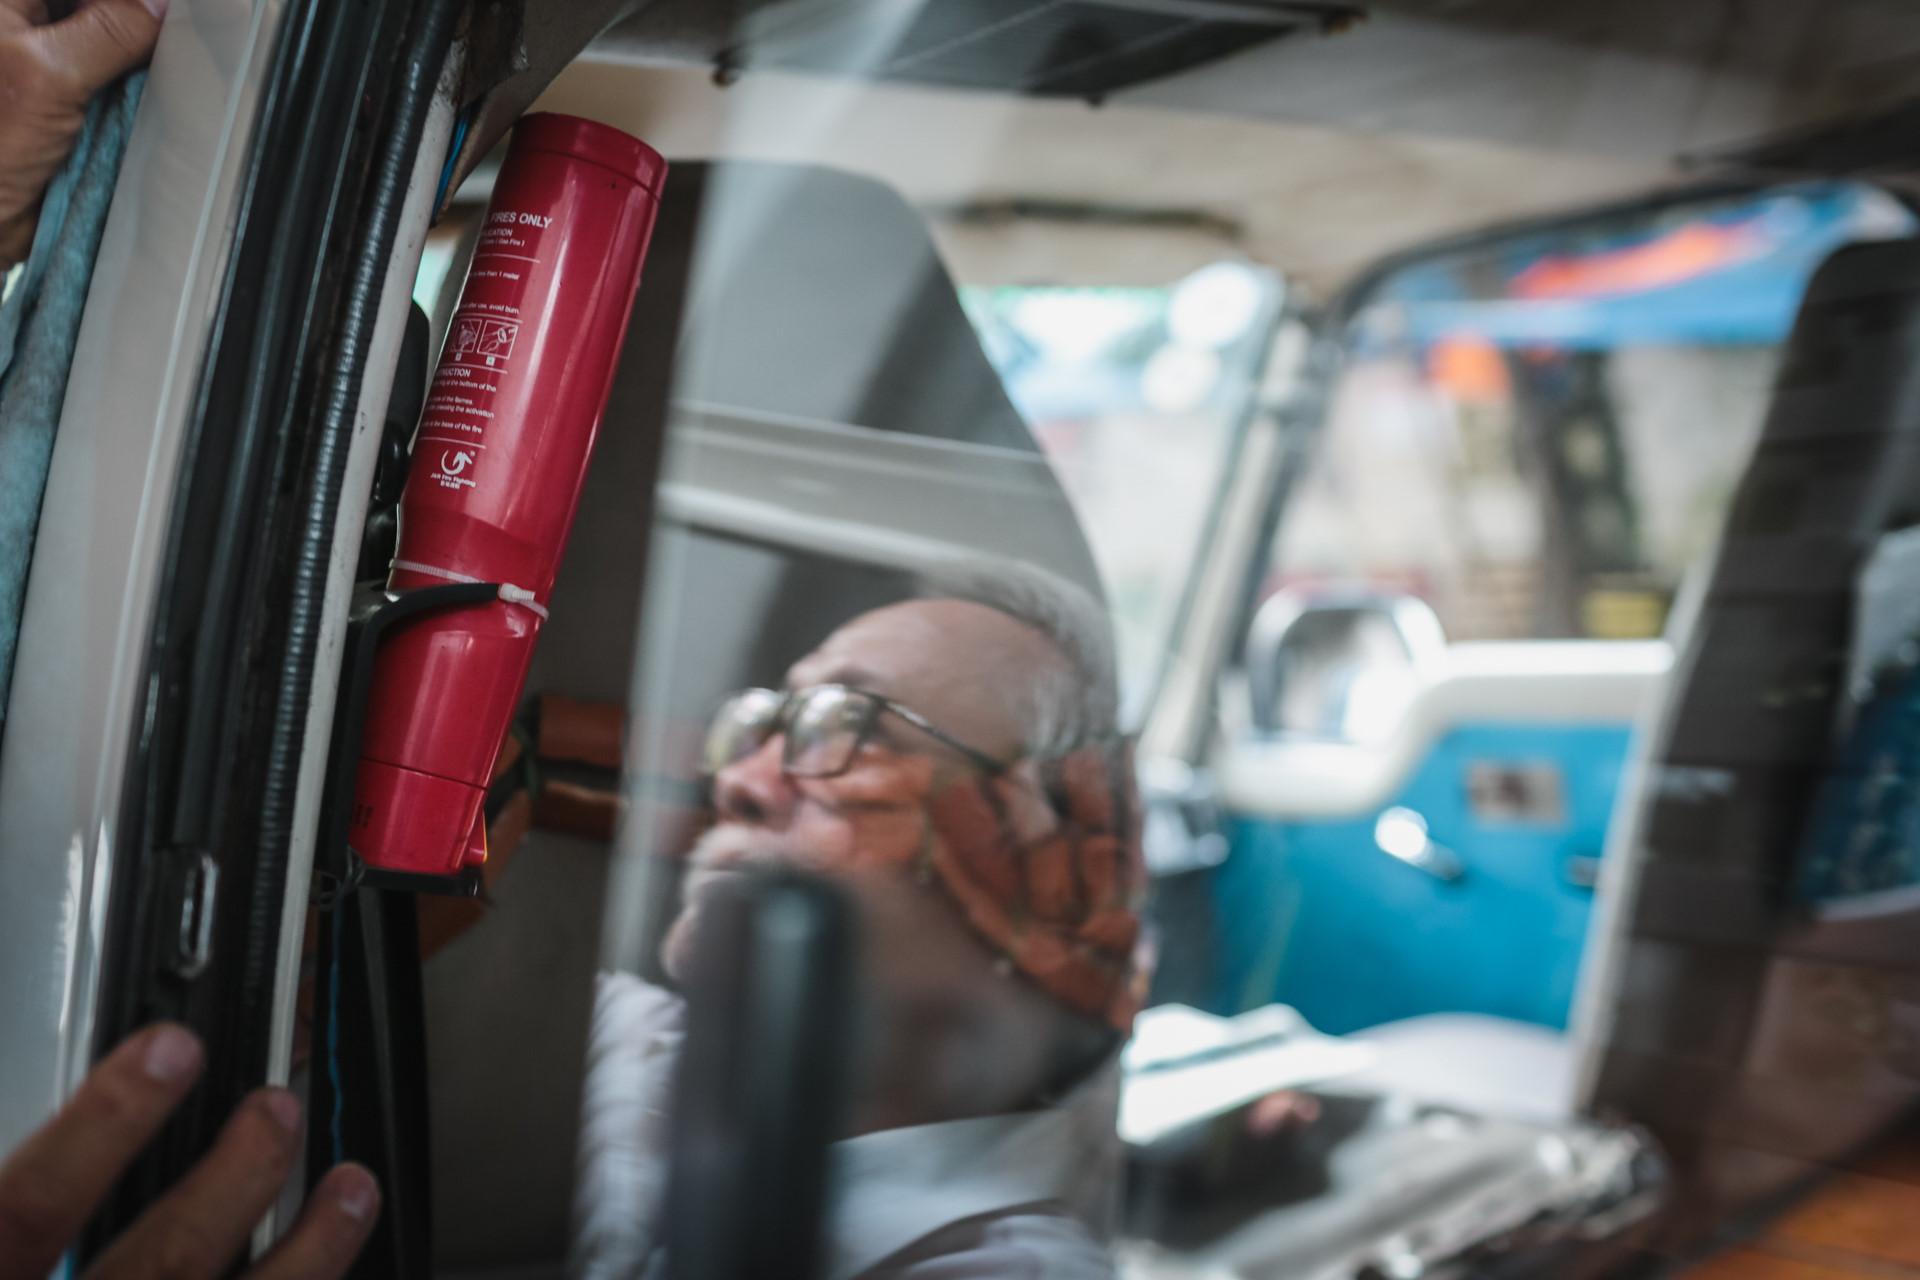 Bình chữa cháy luôn được ông Thuyết trang bị trên xe để đề phòng bất cứ trường hợp không may nào xảy ra. Bất cứ khi nào có thời gian rảnh, ông lại cầm giẻ lau chùi, giữ xe luôn sạch sẽ.